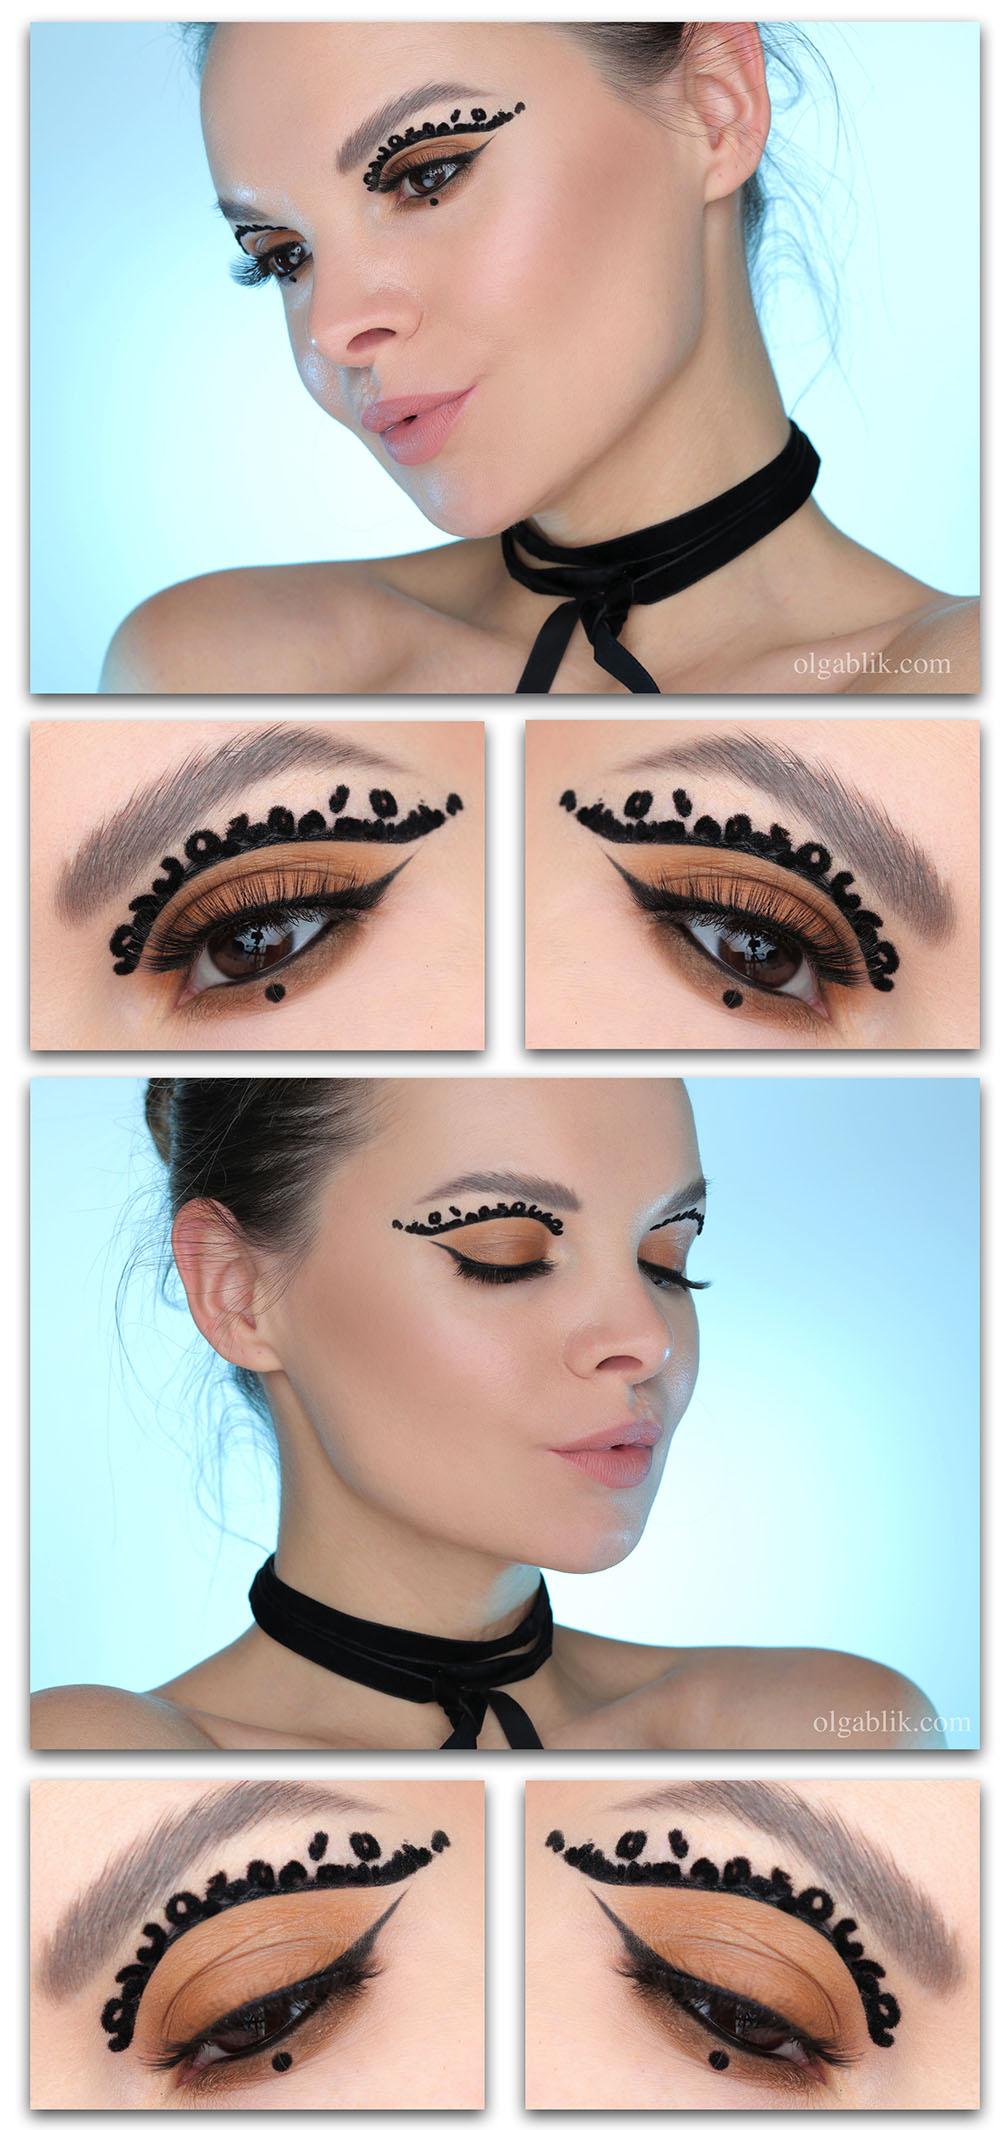 Оригинальный макияж глаз, необычный макияж глаз